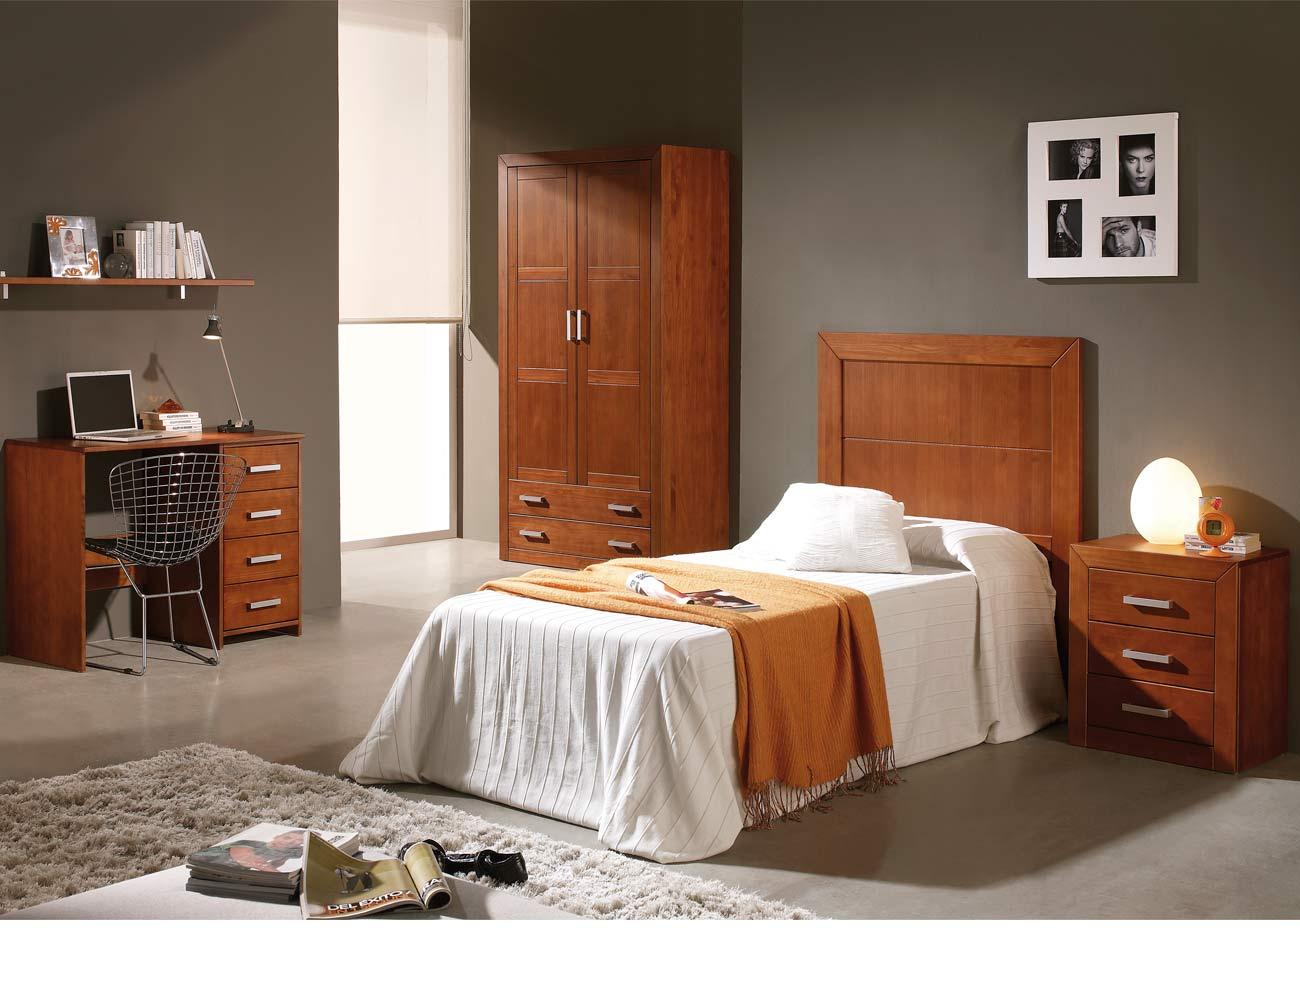 Dormitorio juvenil armario mesa escritorio cabecero madera nogal